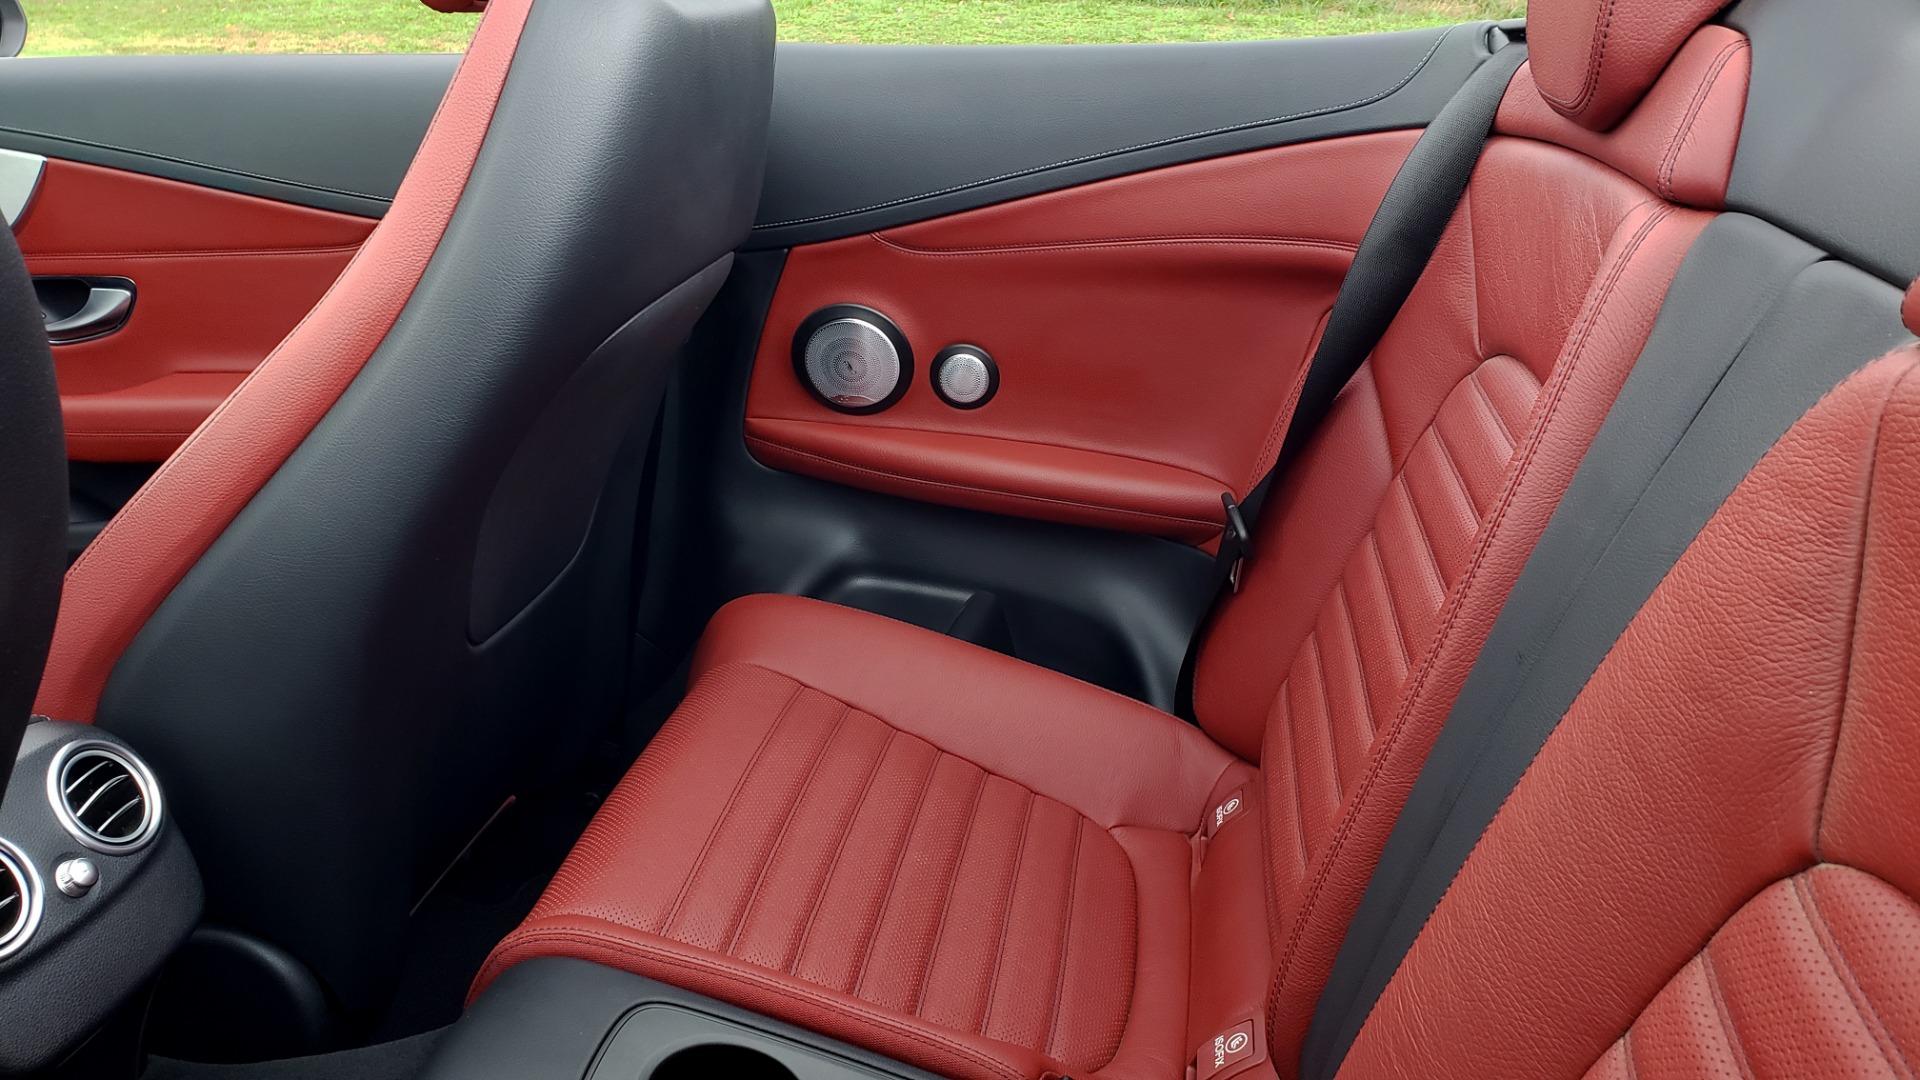 Used 2019 Mercedes-Benz C-CLASS C 300 CABRIOLET / PREM PKG / NAV / BURMESTER / MULTIMEDIA for sale $49,995 at Formula Imports in Charlotte NC 28227 71